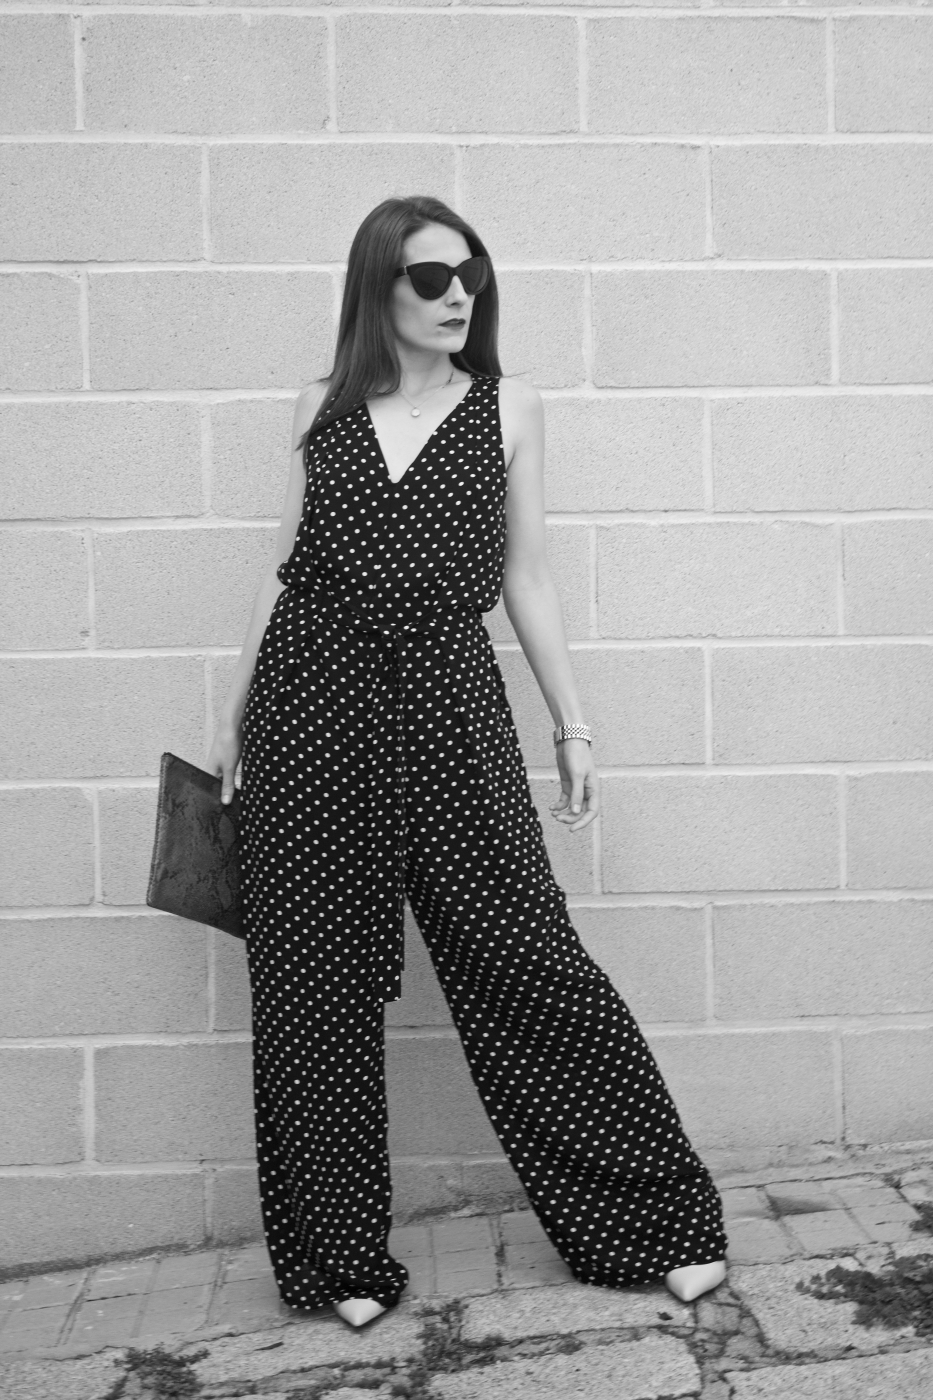 lara-vazquez-madlula-style-streetstyle-moda-chic-ootd-fashionblog